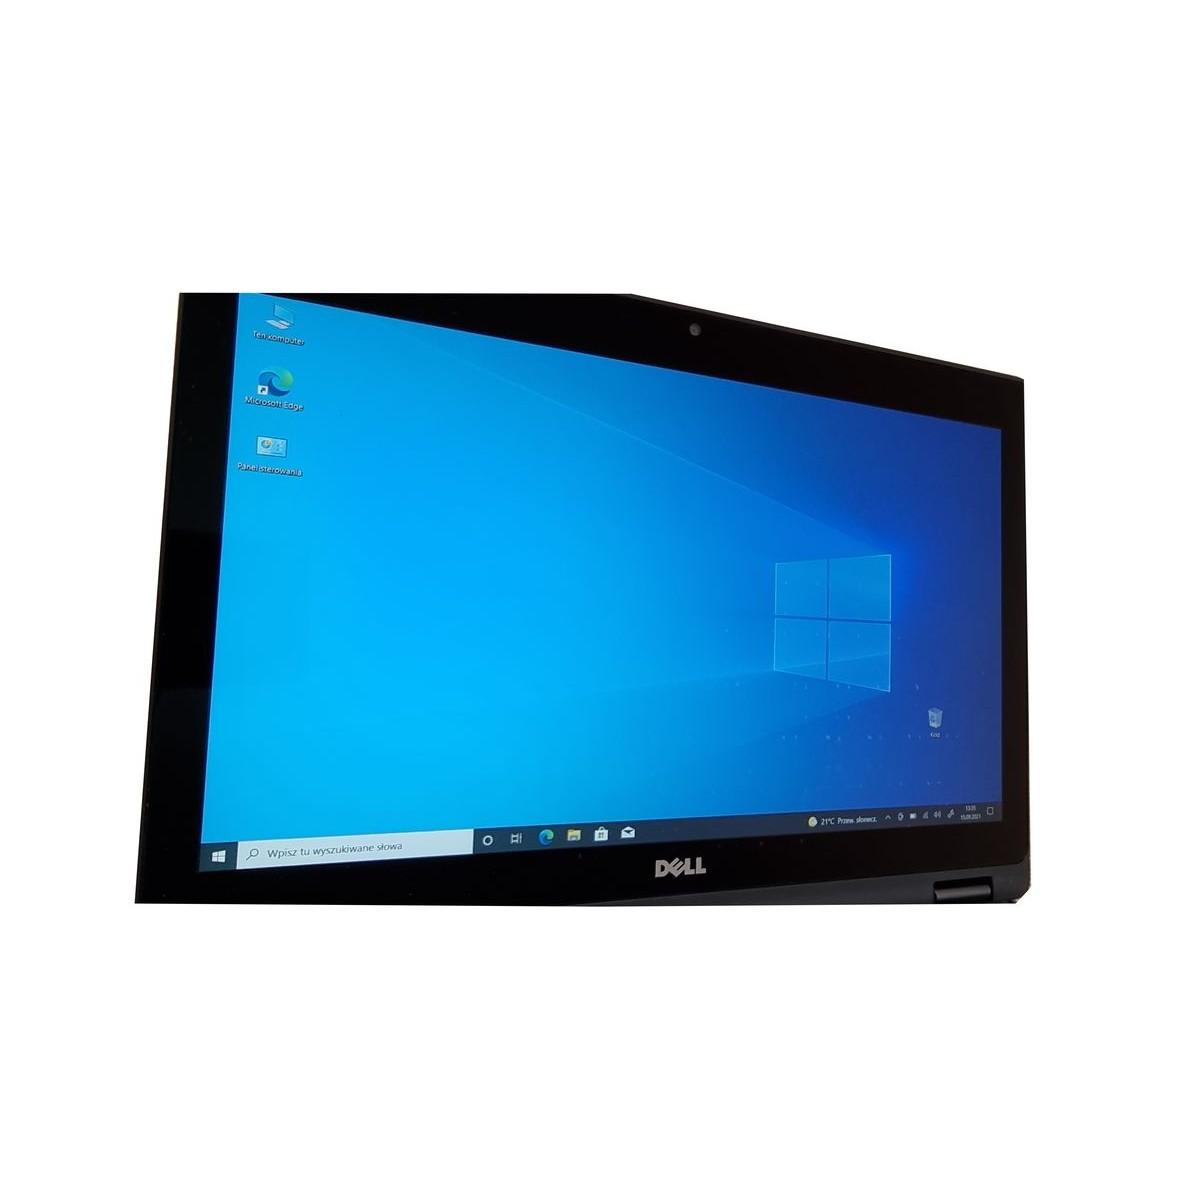 SWITCH NORTEL 5530-24TFD 24x1GB 12xSFP 2xXFP